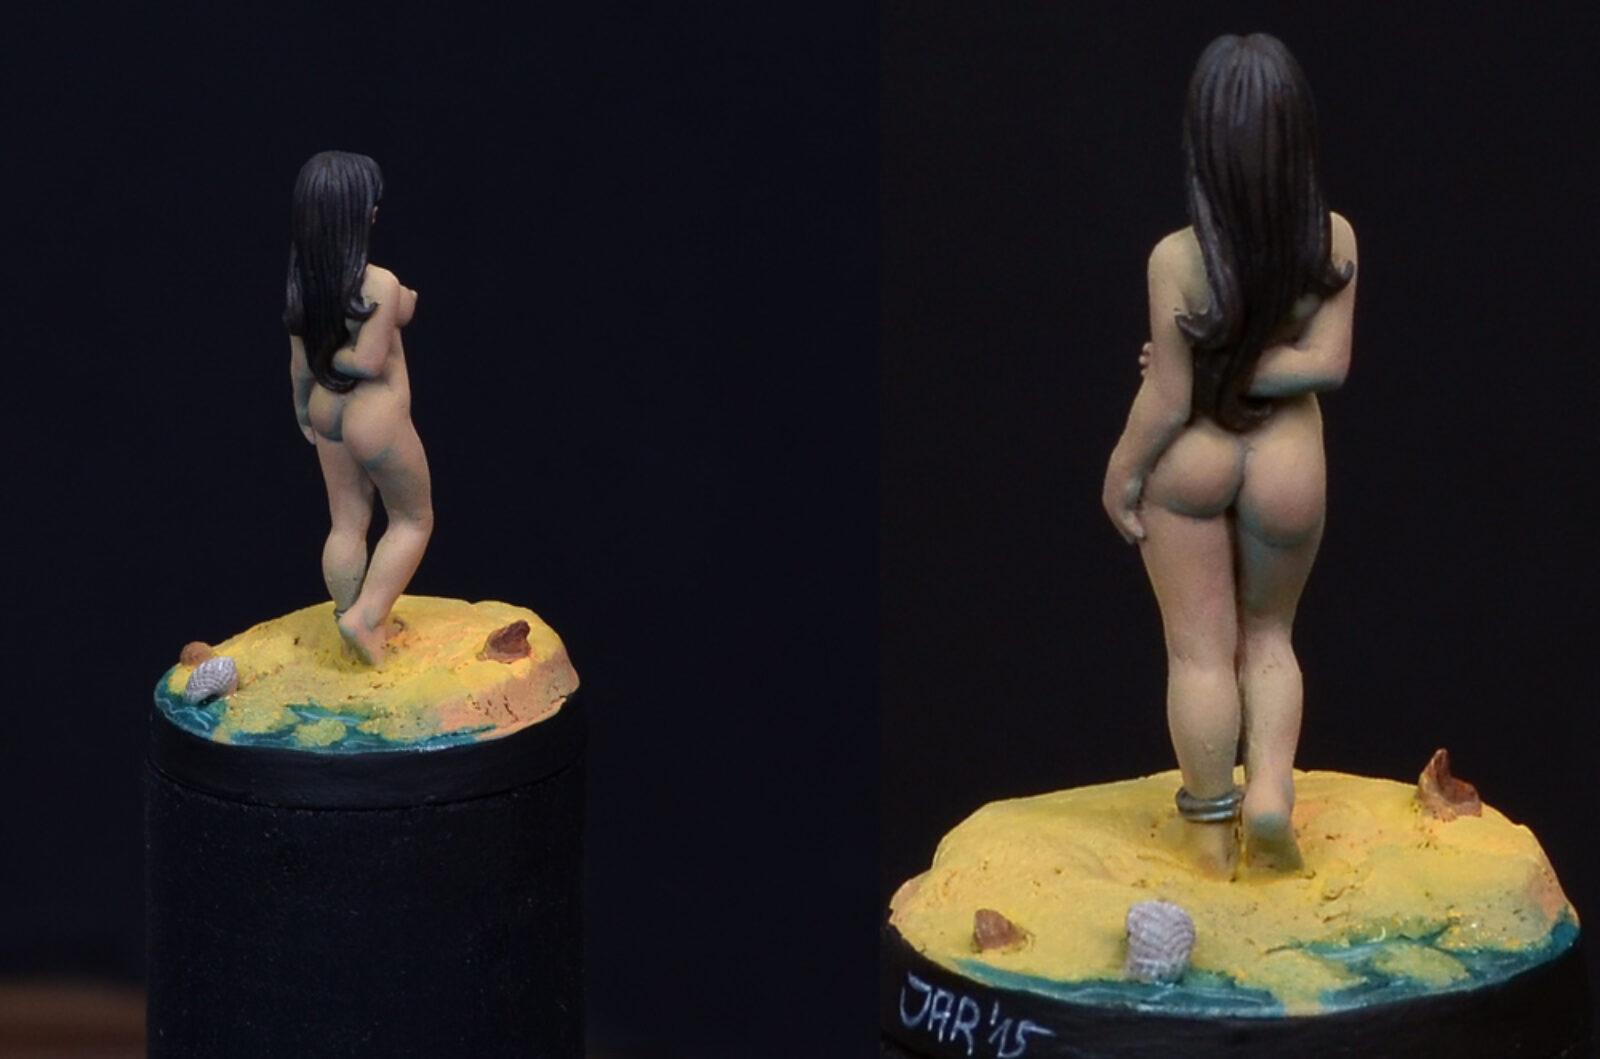 Beachgirl05